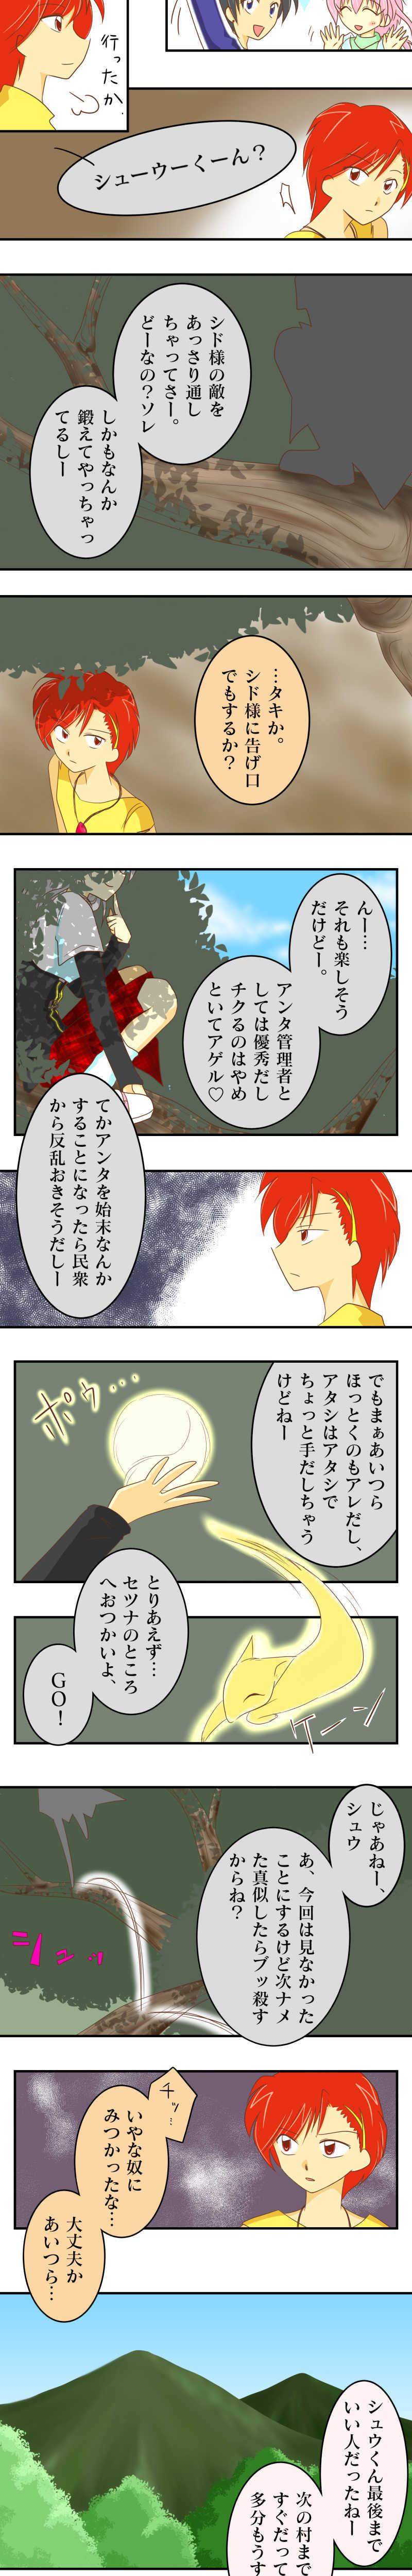 7.再び旅立ち